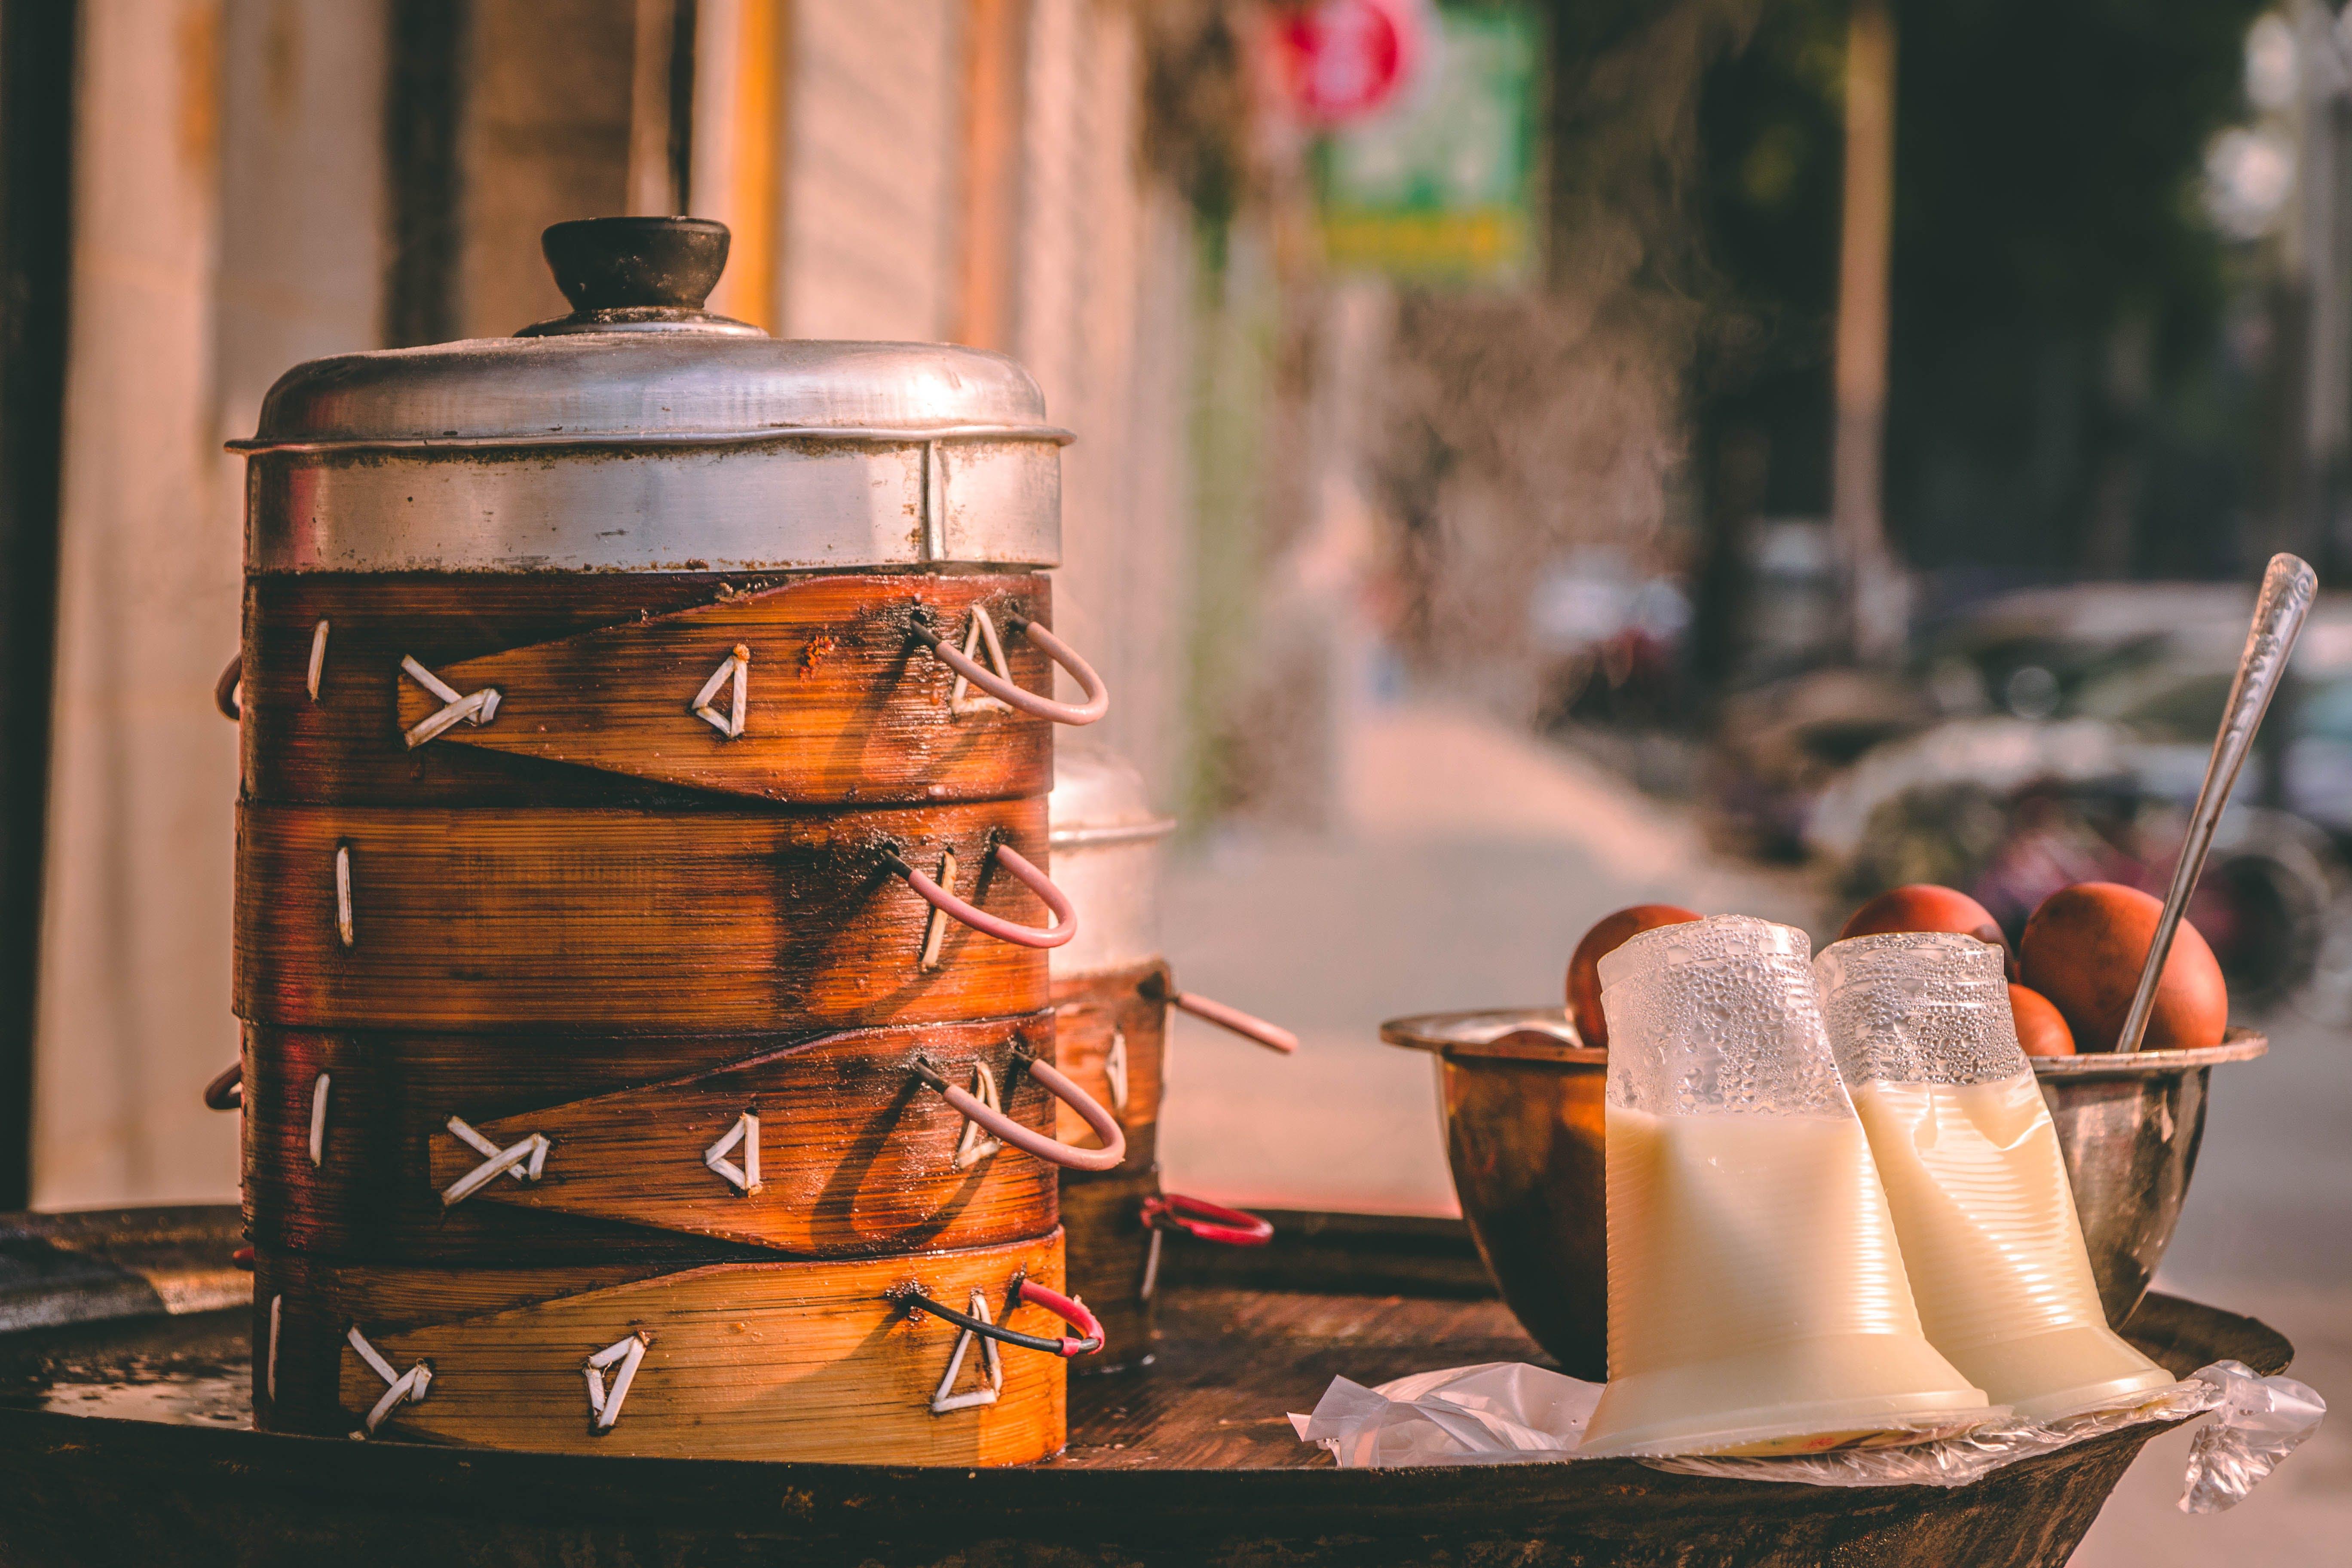 Kostenloses Stock Foto zu asiatisches essen, container, eier, gekochte eier